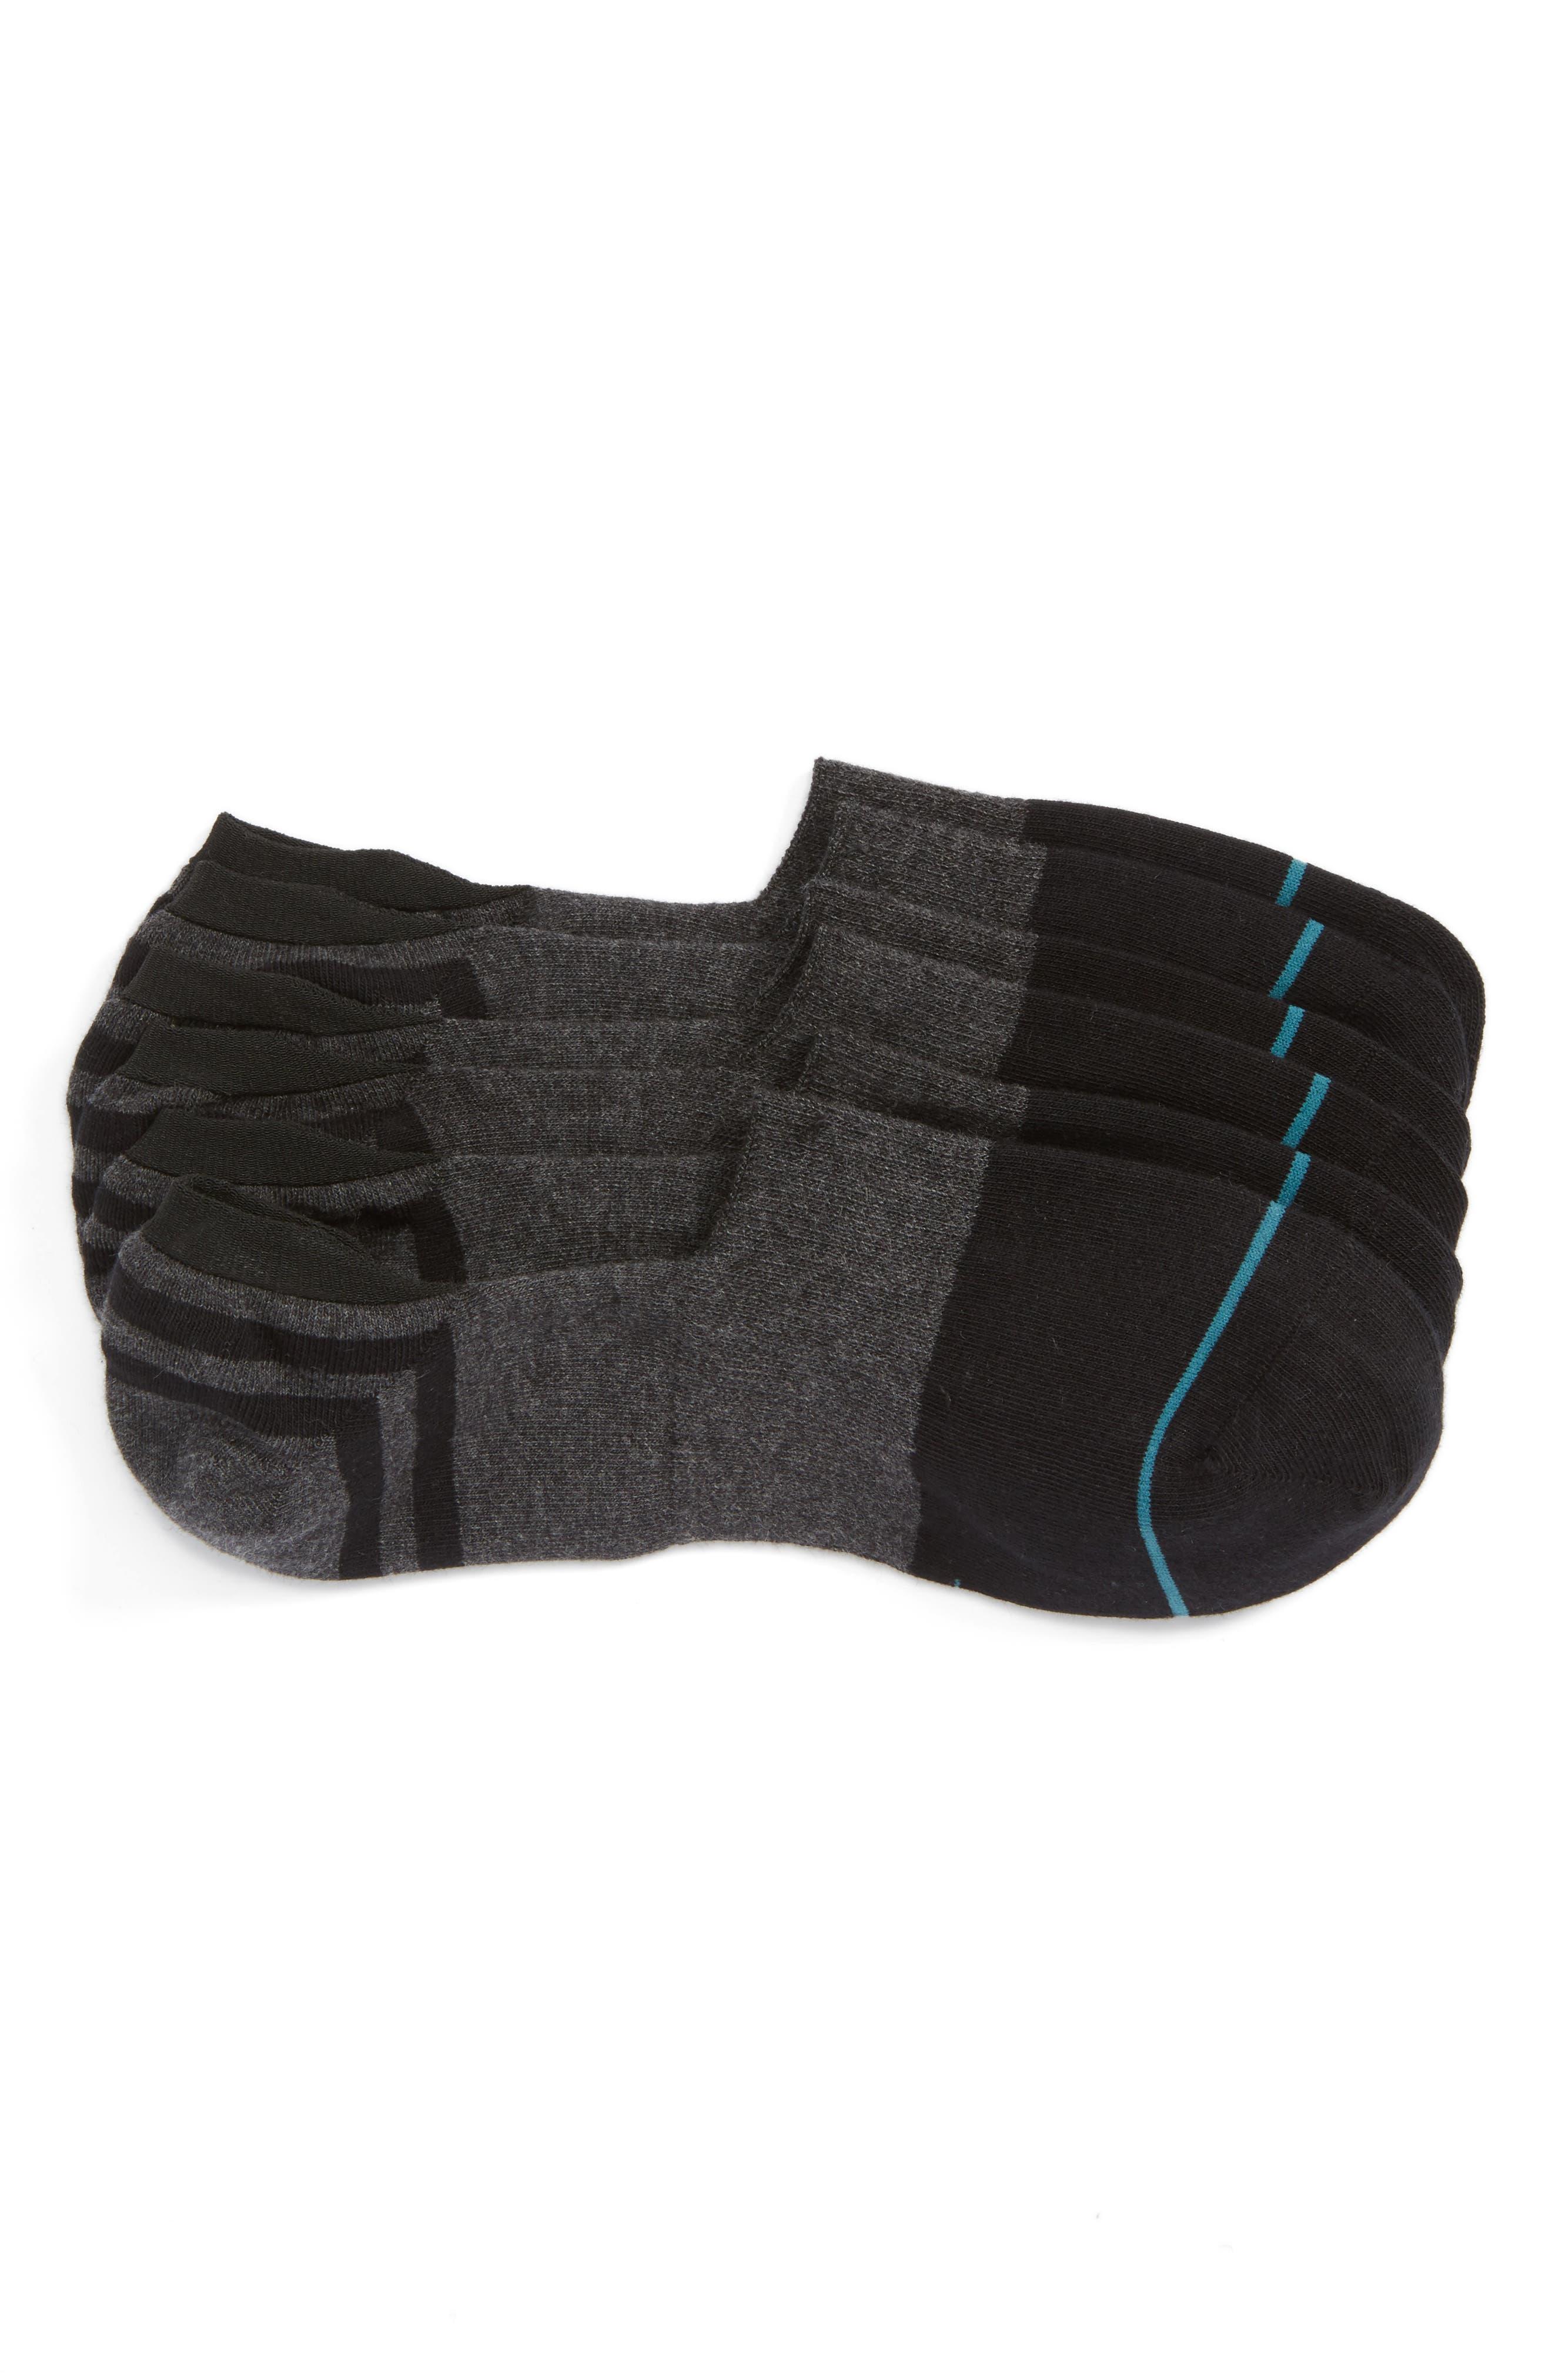 Gamut 3-Pack No-Show Liner Socks,                         Main,                         color, BLACK